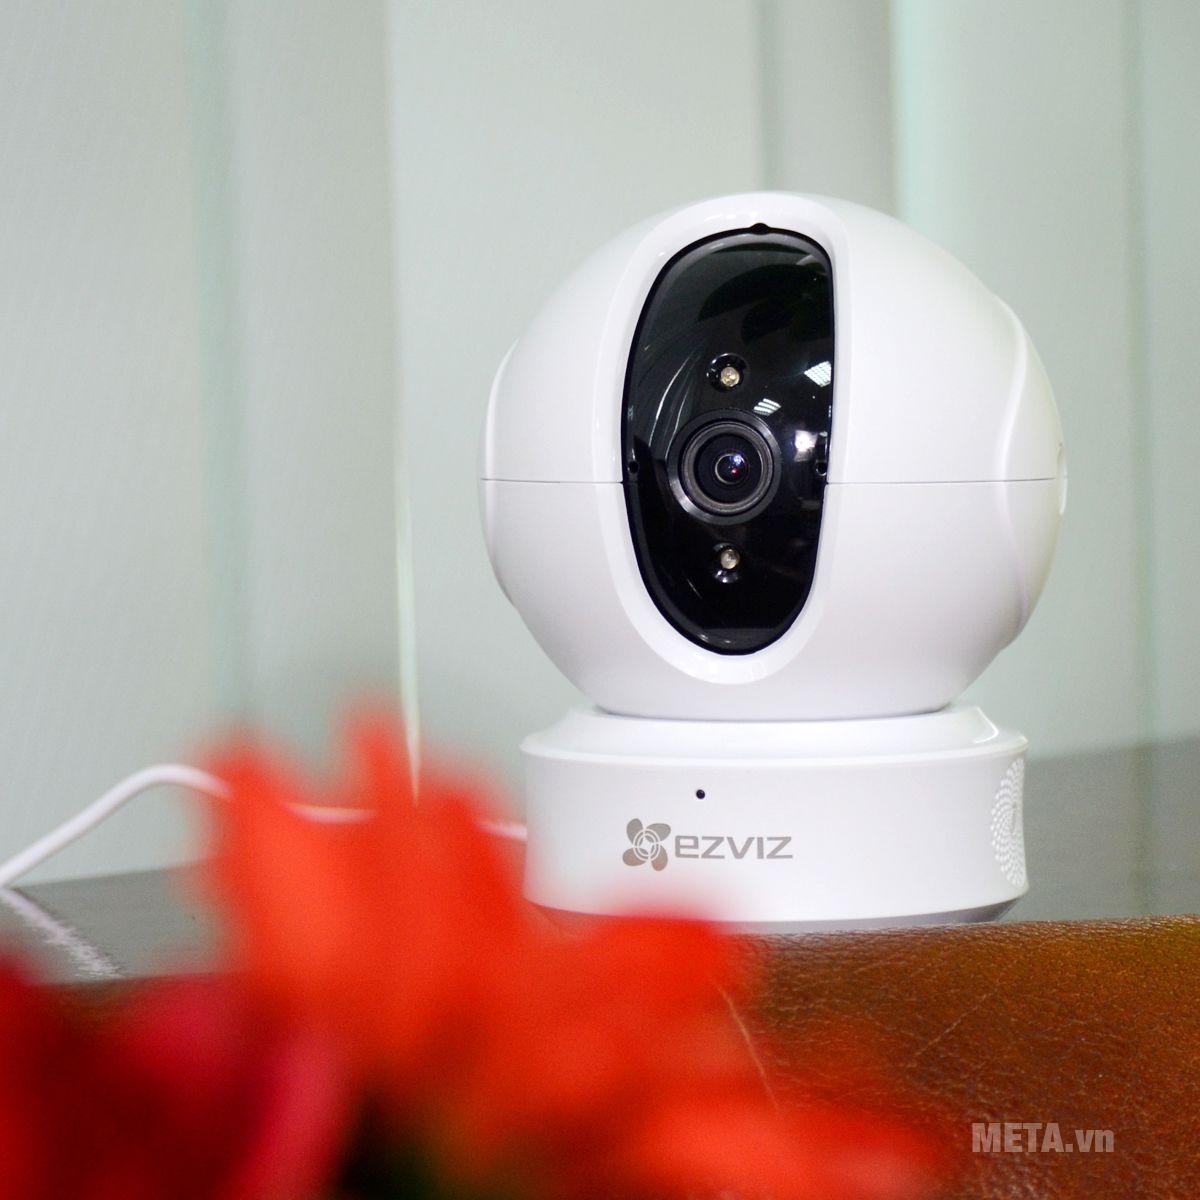 EZVIZ CS-CV246 ez360 (C6CN 720P) trang bị đèn hồng ngoại